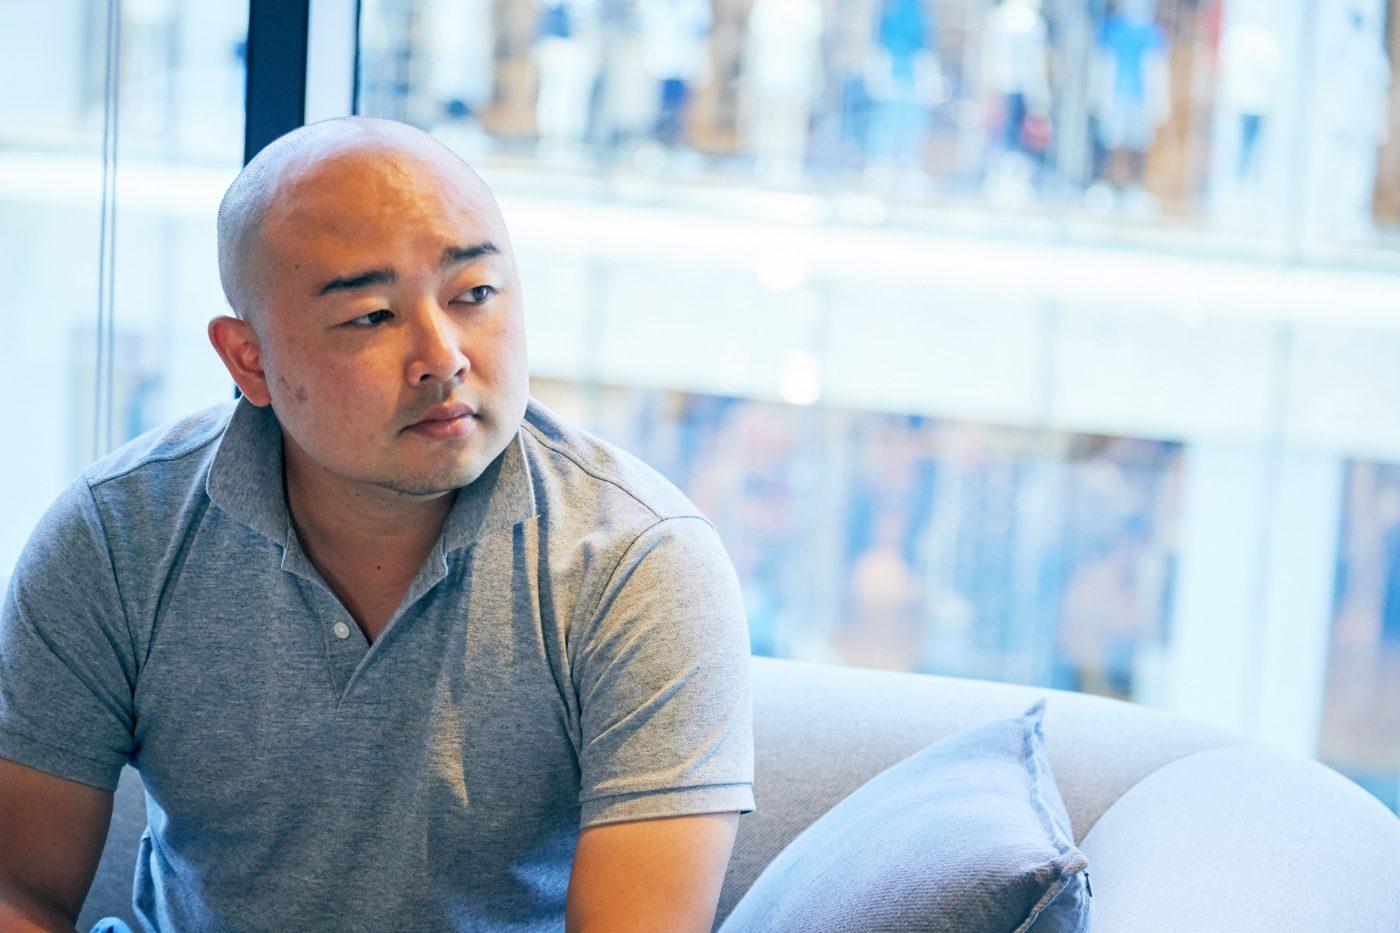 ■柴山直樹(しばやま・なおき) ー株式会社プレイド 取締役 インタビュー